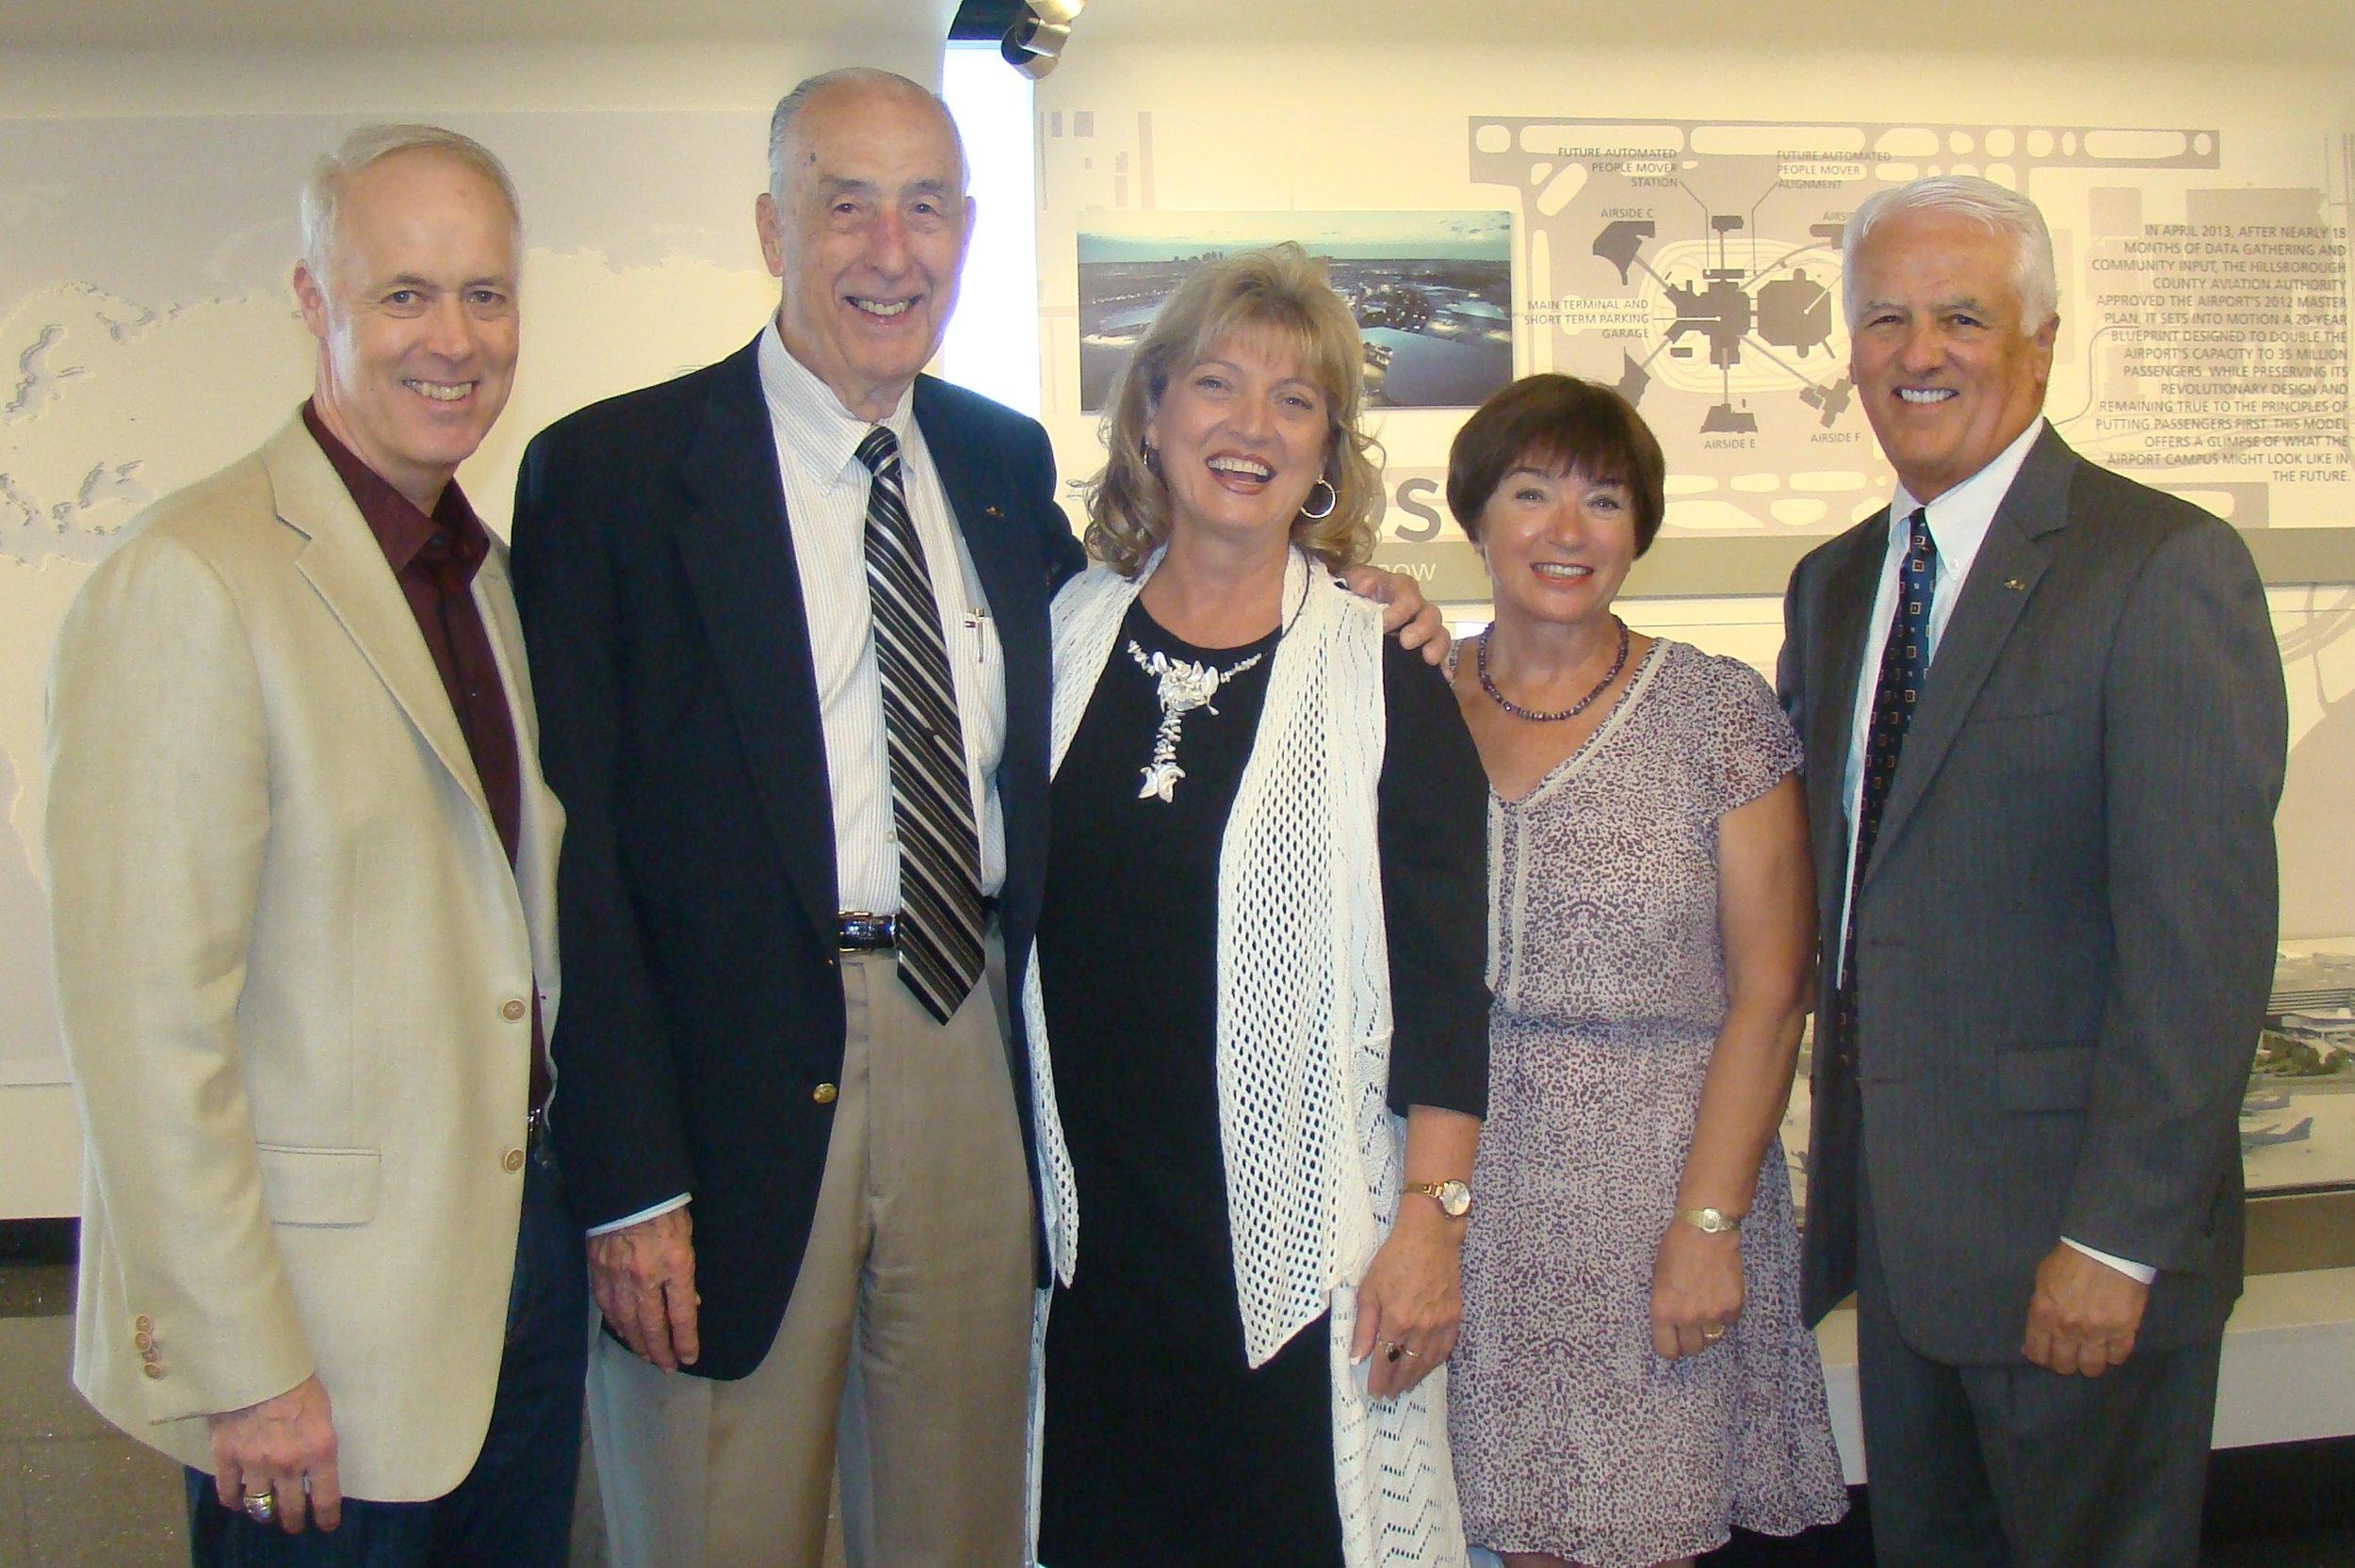 Dick, Me, Colleen Picard, Anne Menke & John O'Connor - 1, 30 Oct '14.JPG